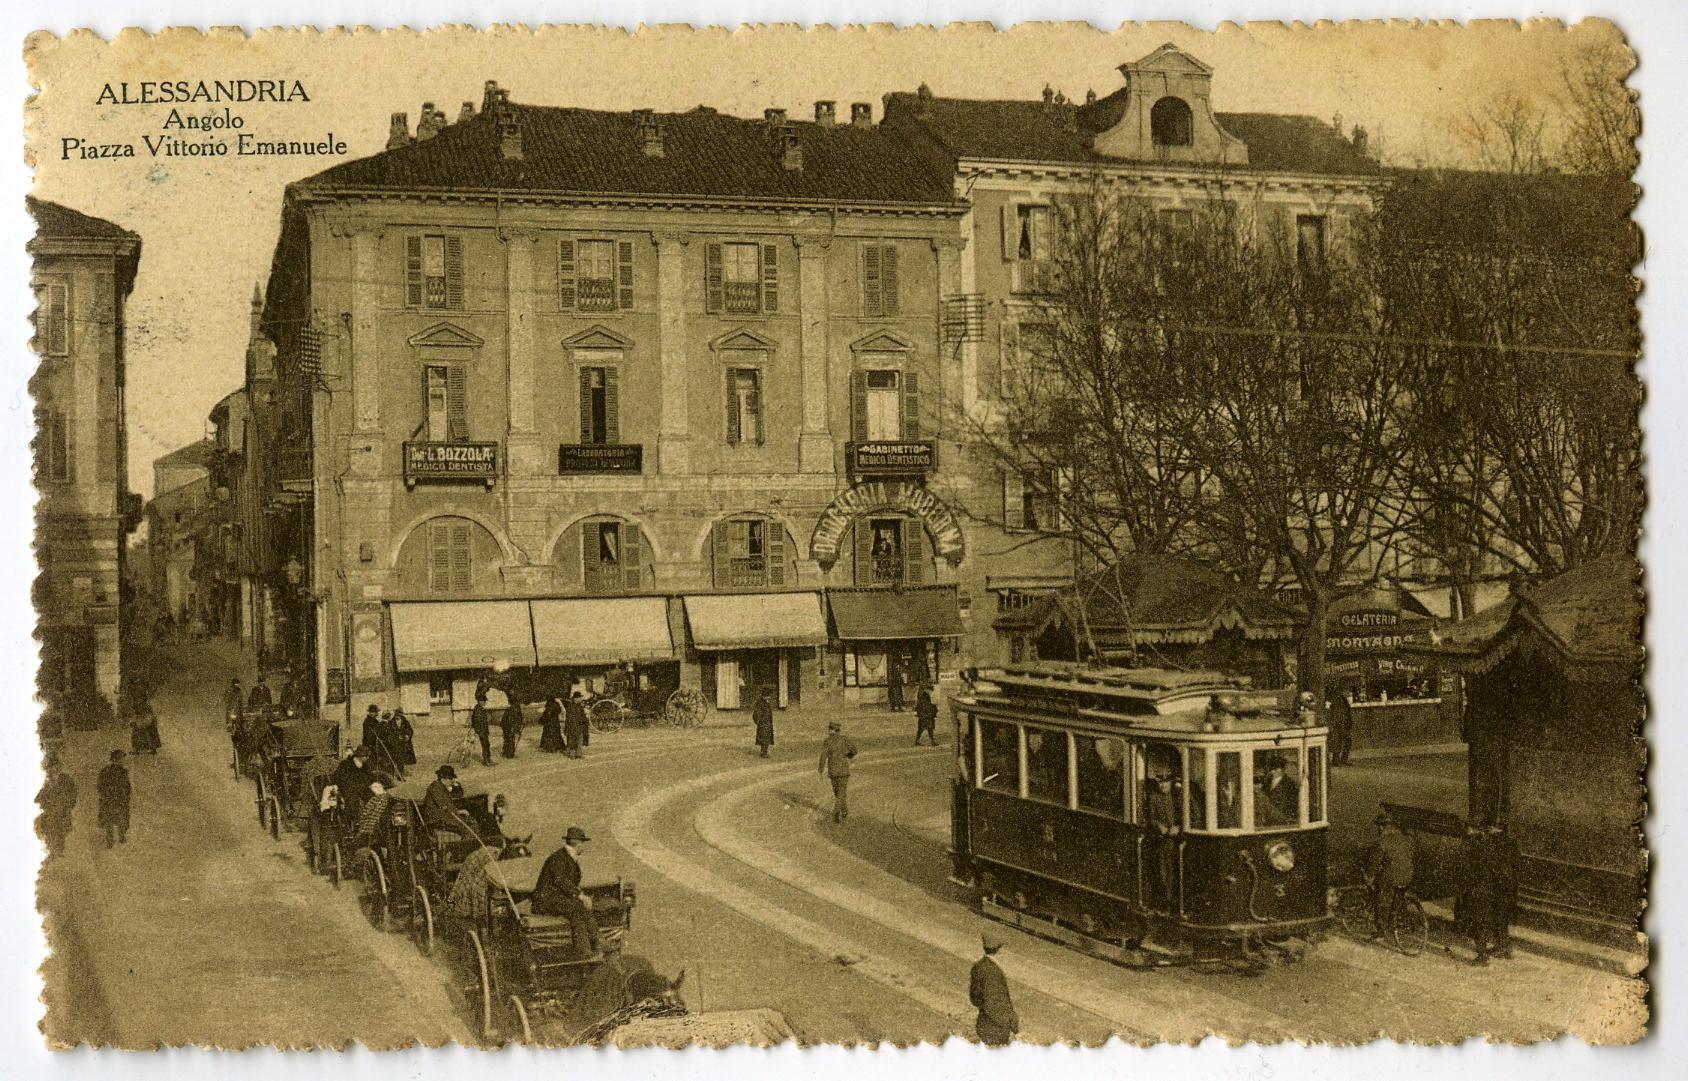 Tram elettrico e carrozze a noleggio in attesa di passeggeri in piazza Vittorio Emanuele II (ora piazza della Libertà). Alessandria